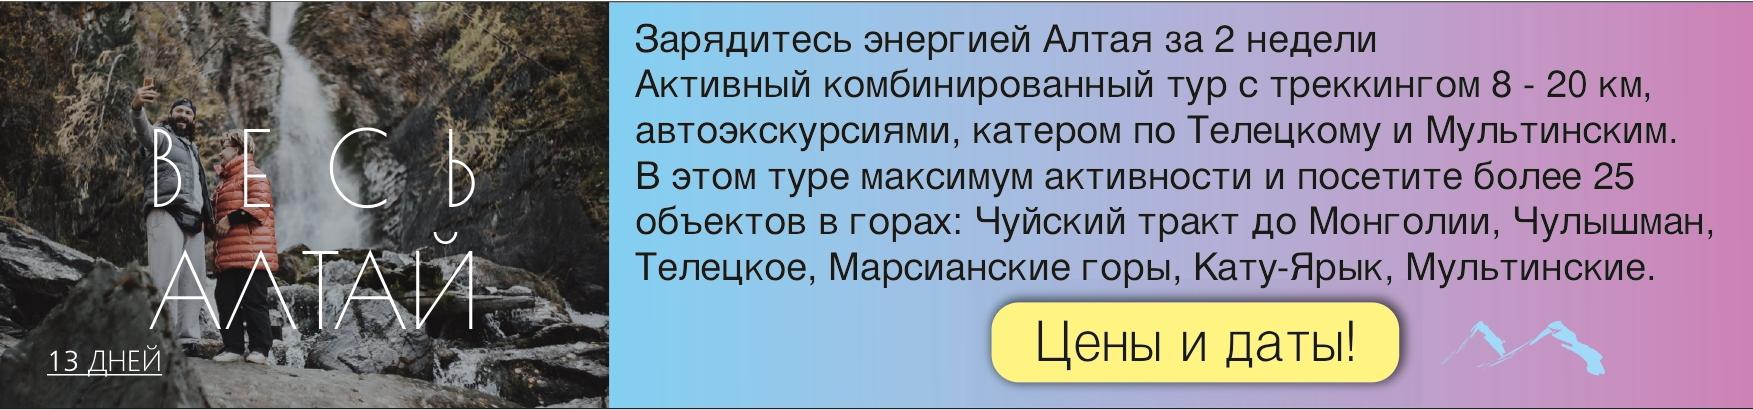 Весь Алтай.